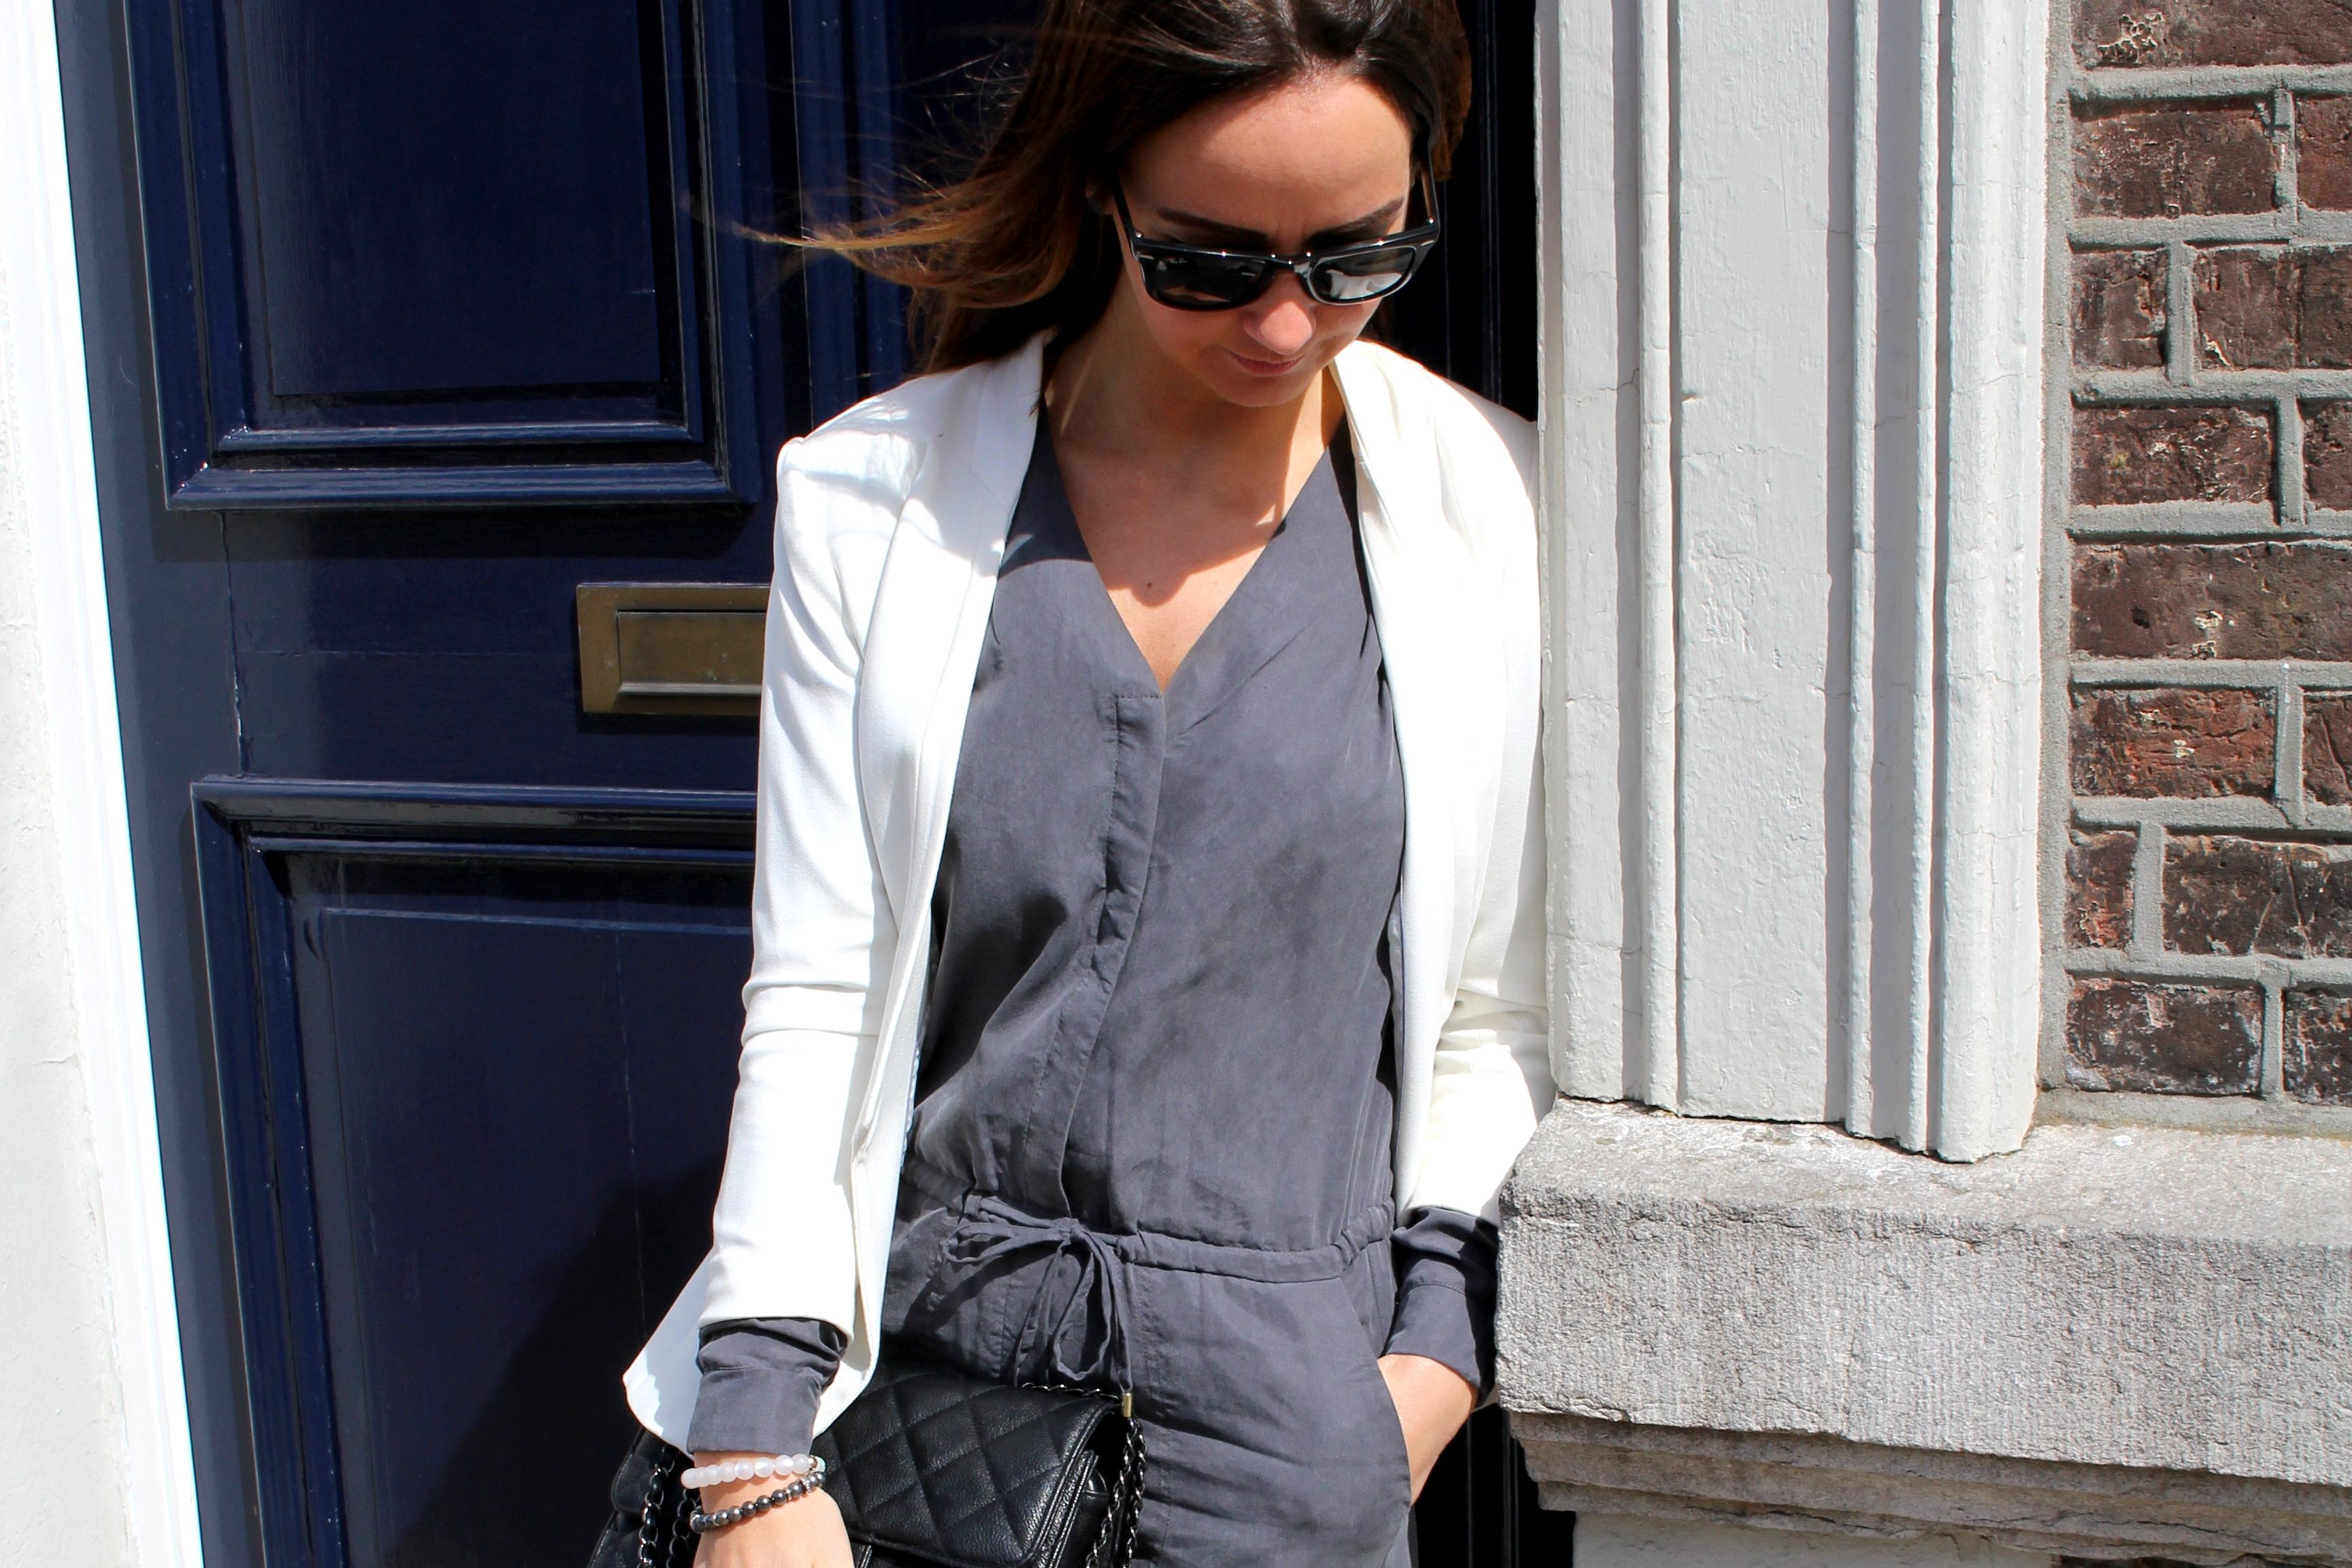 Fashioncircuz by Jenny img_4895 TAGESTRIP MAASTRICHT - IMMER EINE REISE WERT!